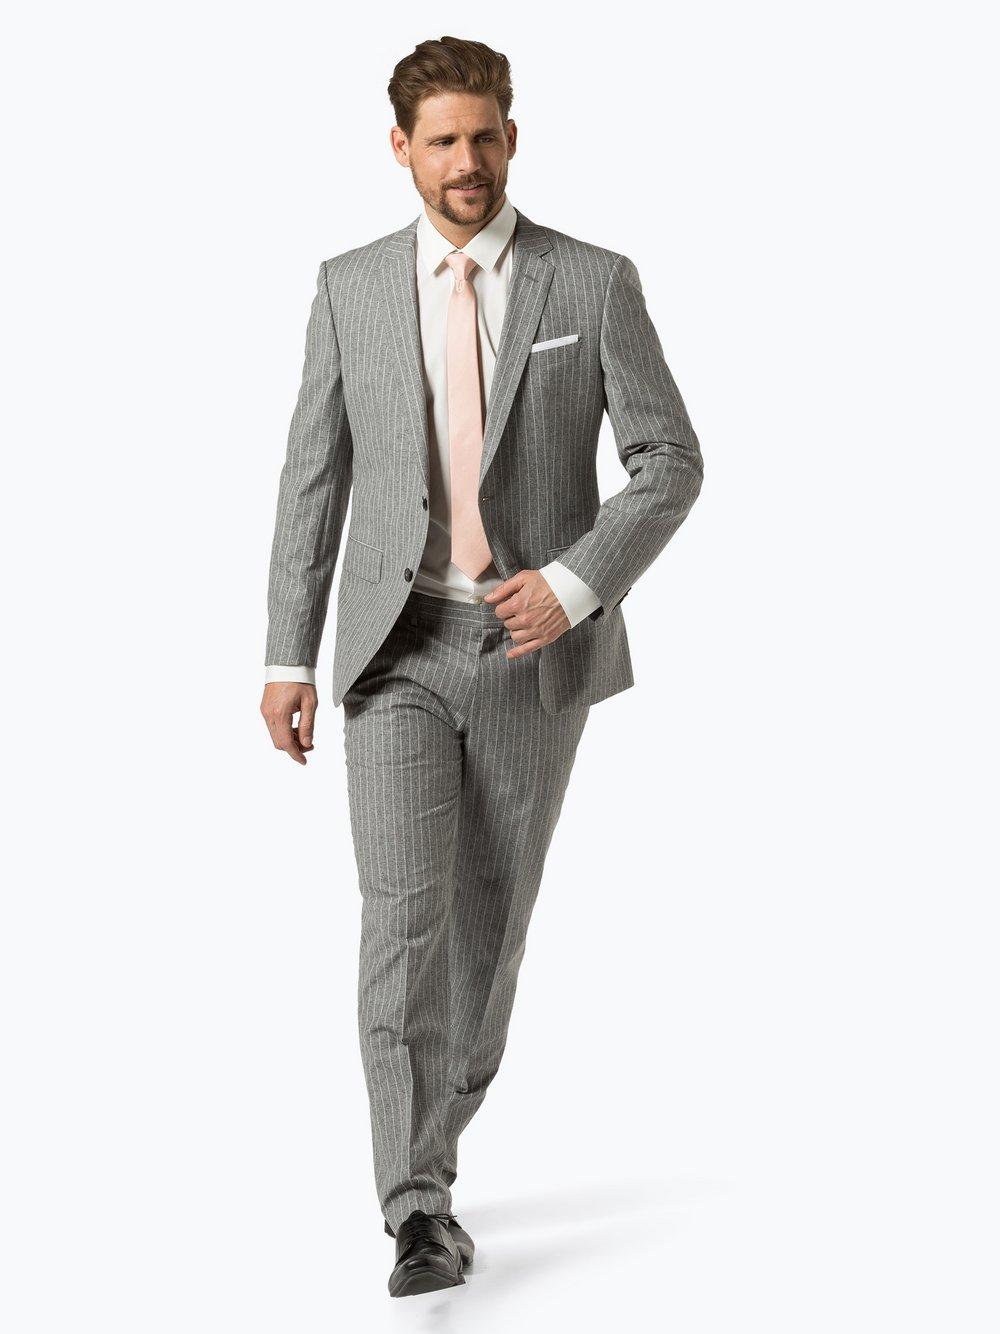 sale neues Hoch billigsten Verkauf Herren Anzug mit Seiden-Anteil - Hutson5/Gander3